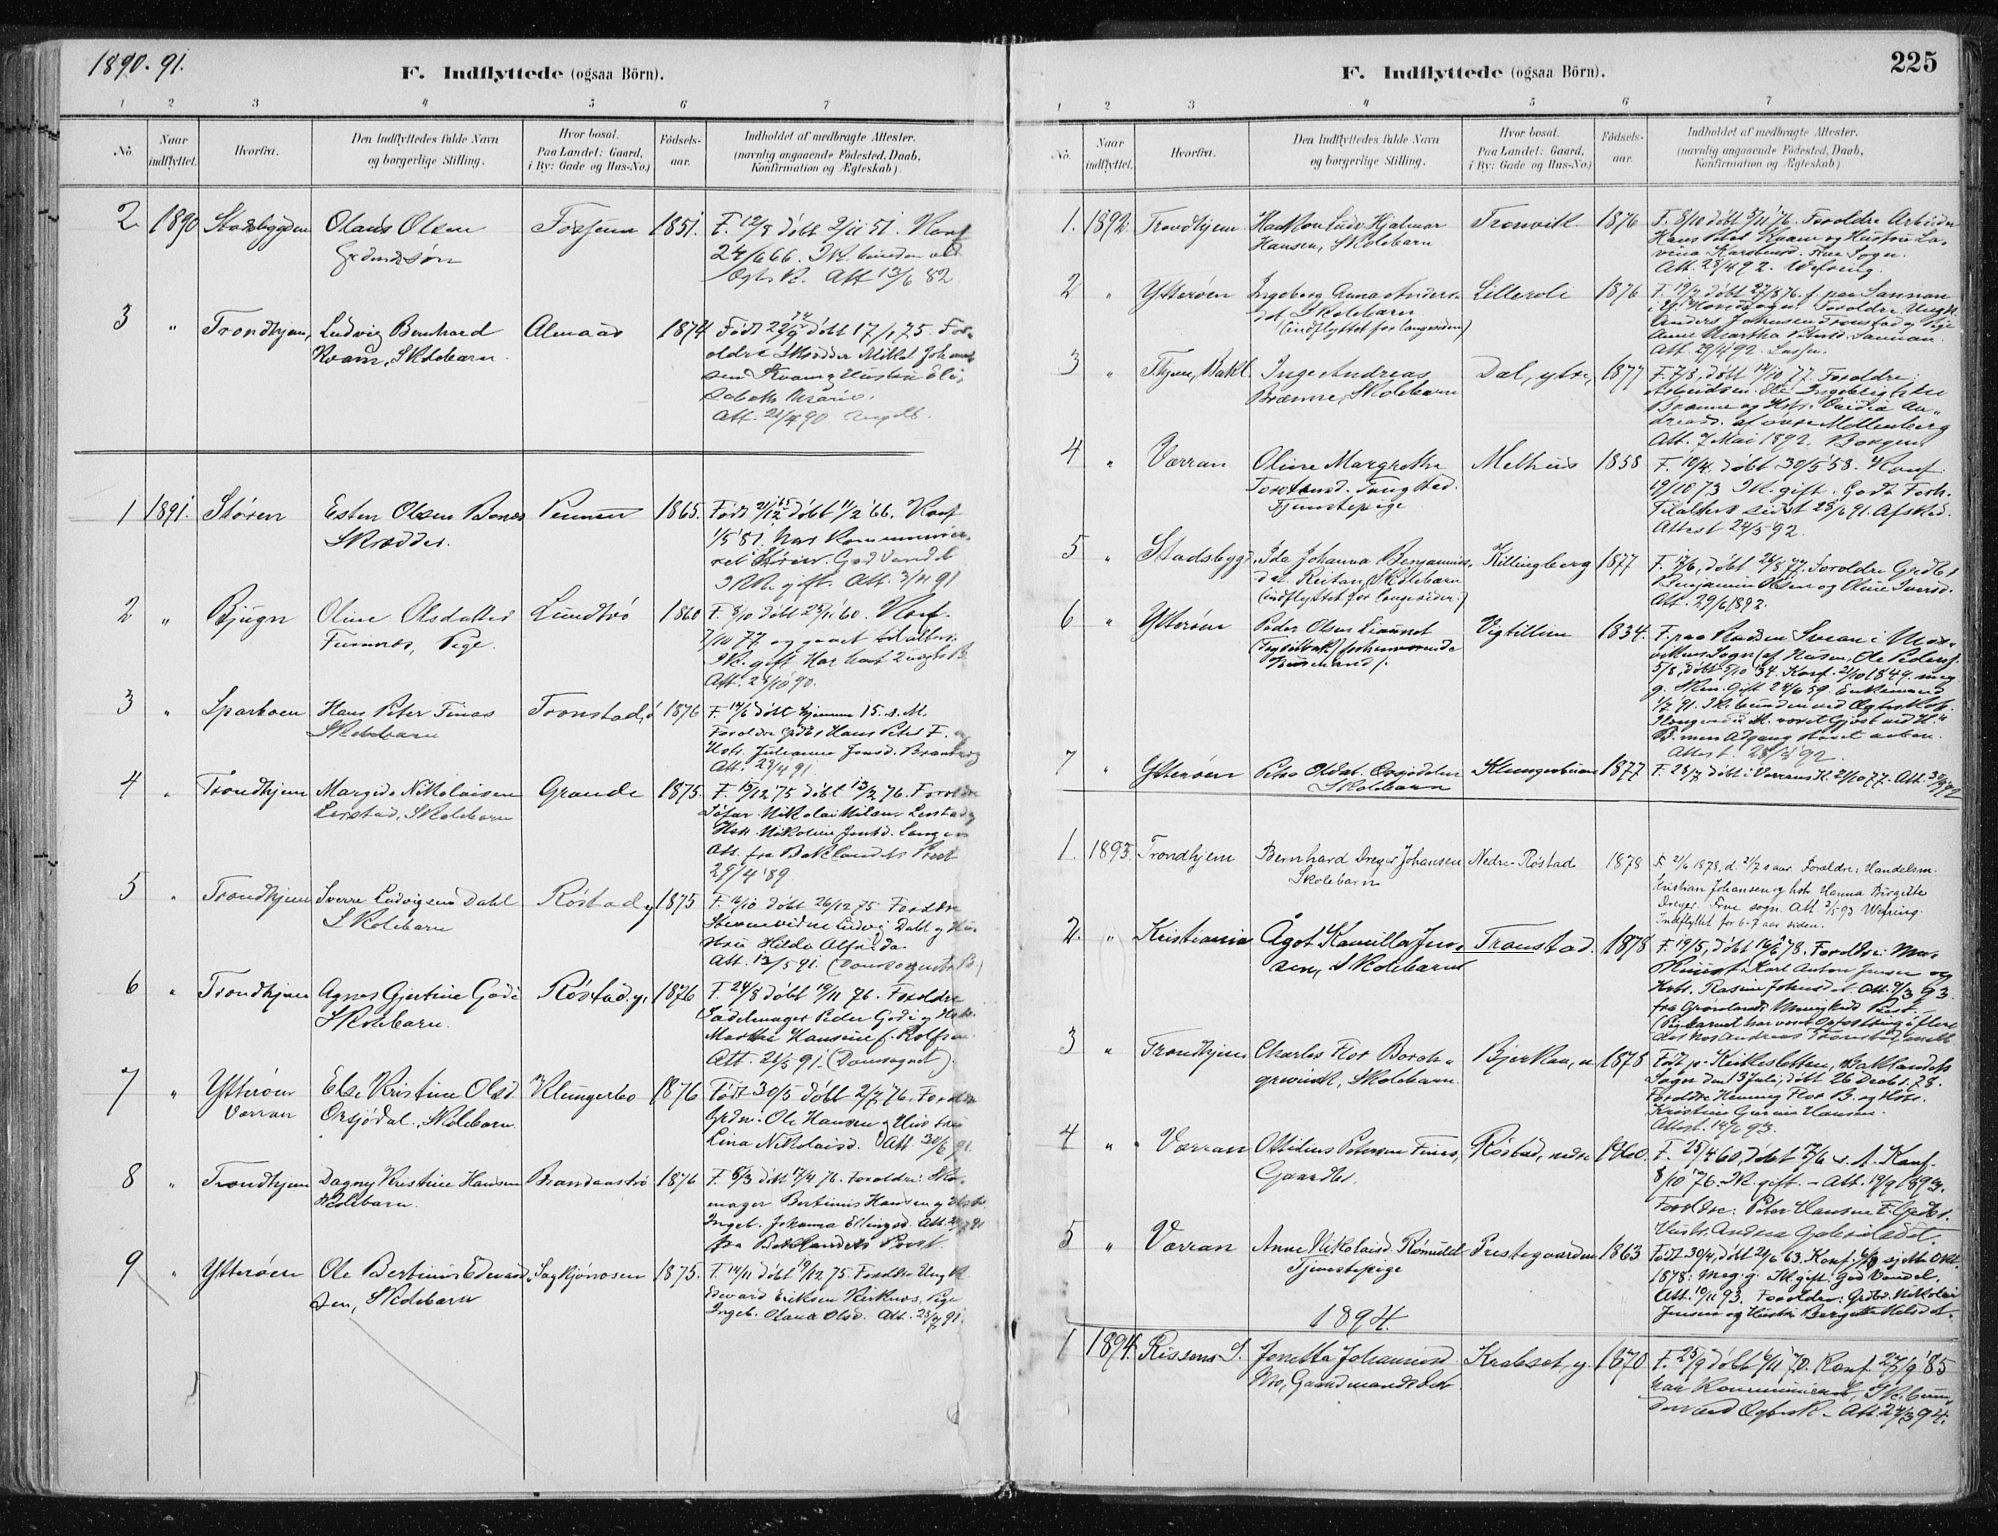 SAT, Ministerialprotokoller, klokkerbøker og fødselsregistre - Nord-Trøndelag, 701/L0010: Ministerialbok nr. 701A10, 1883-1899, s. 225